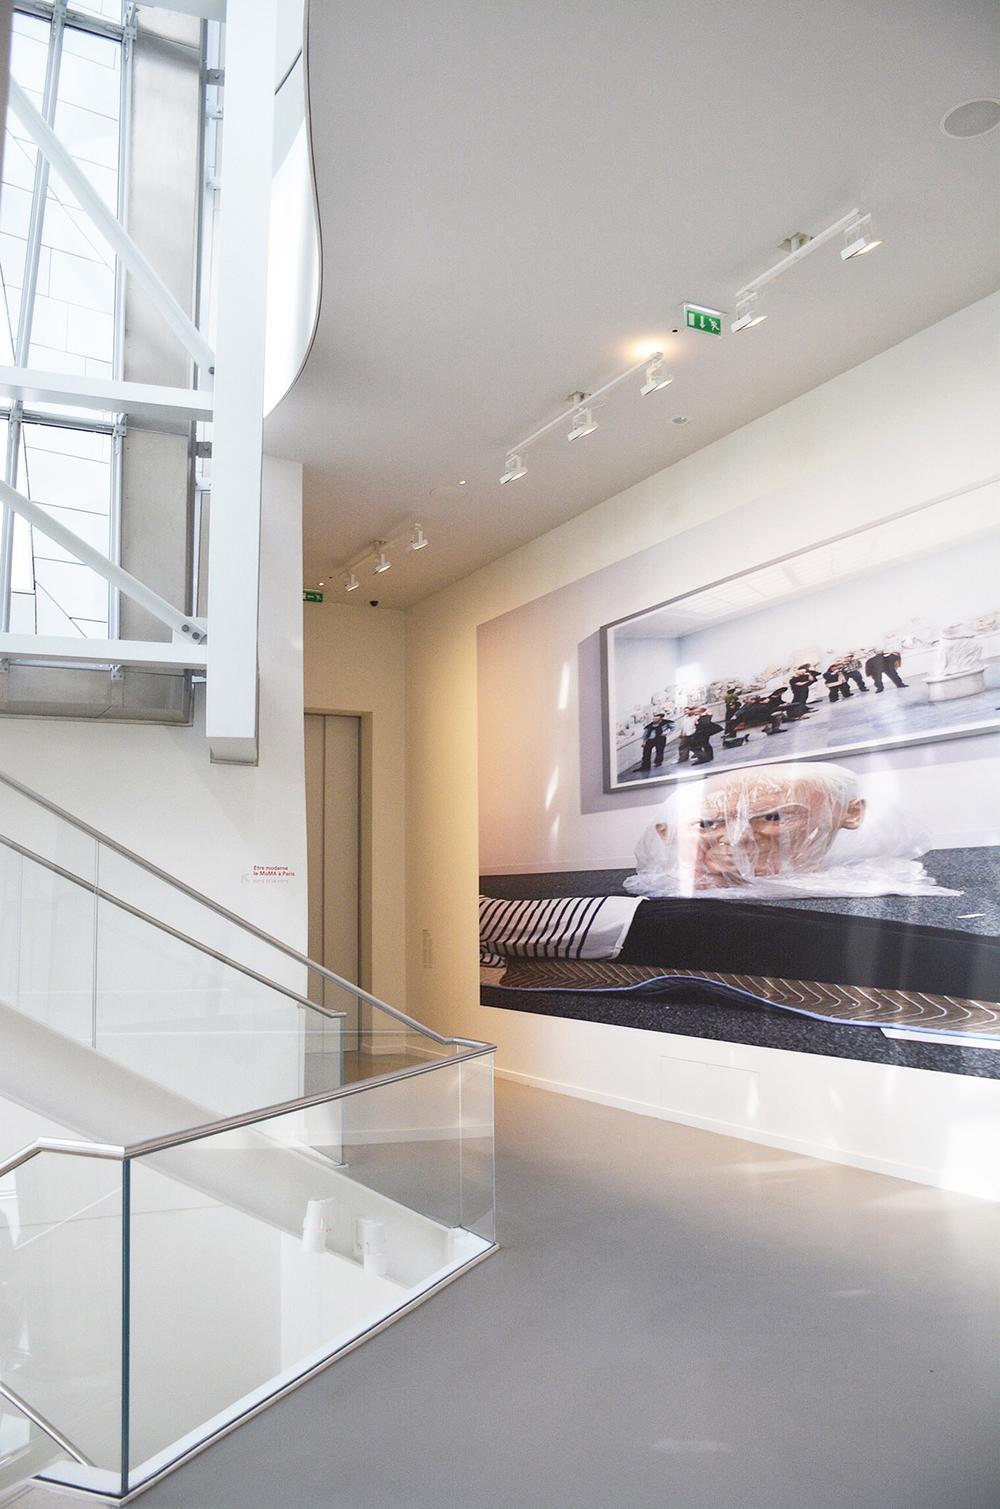 Reportage : Fondation Louis Vuitton, Paris